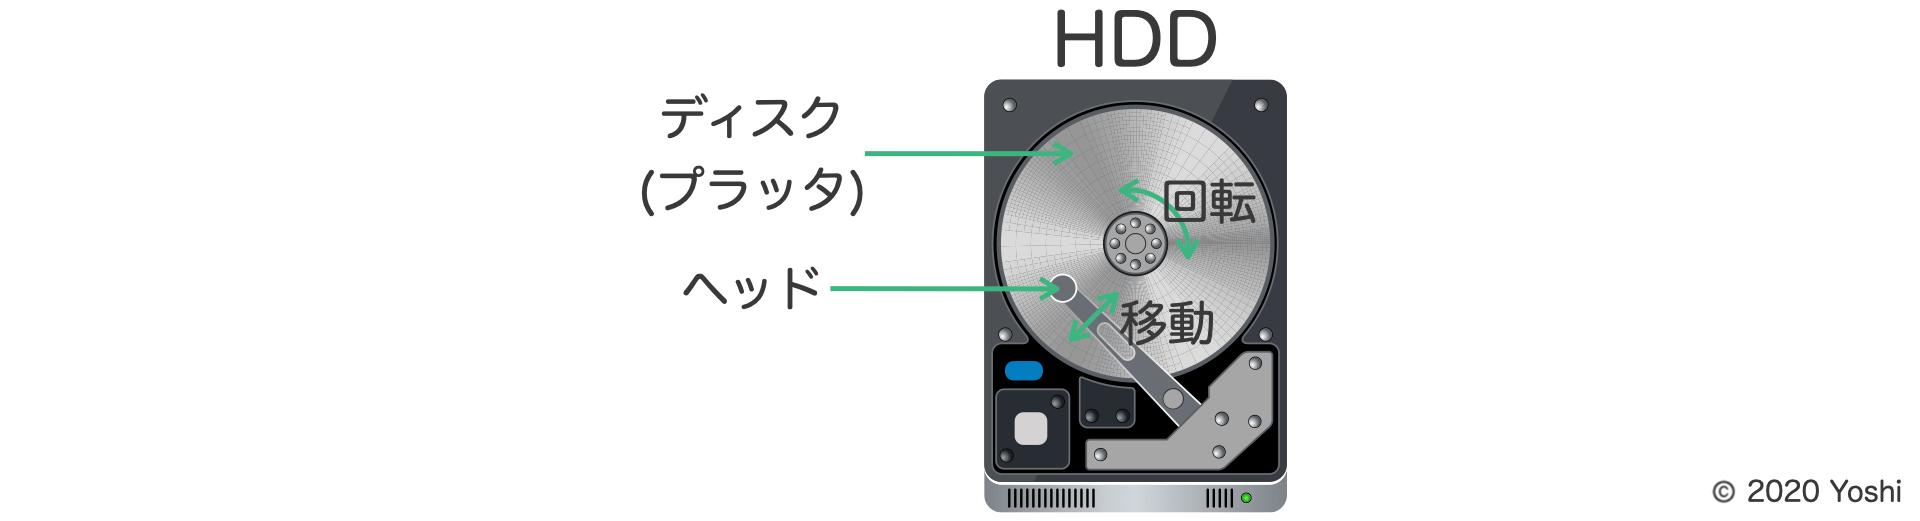 HDDのディスク(プラッタ)とヘッド